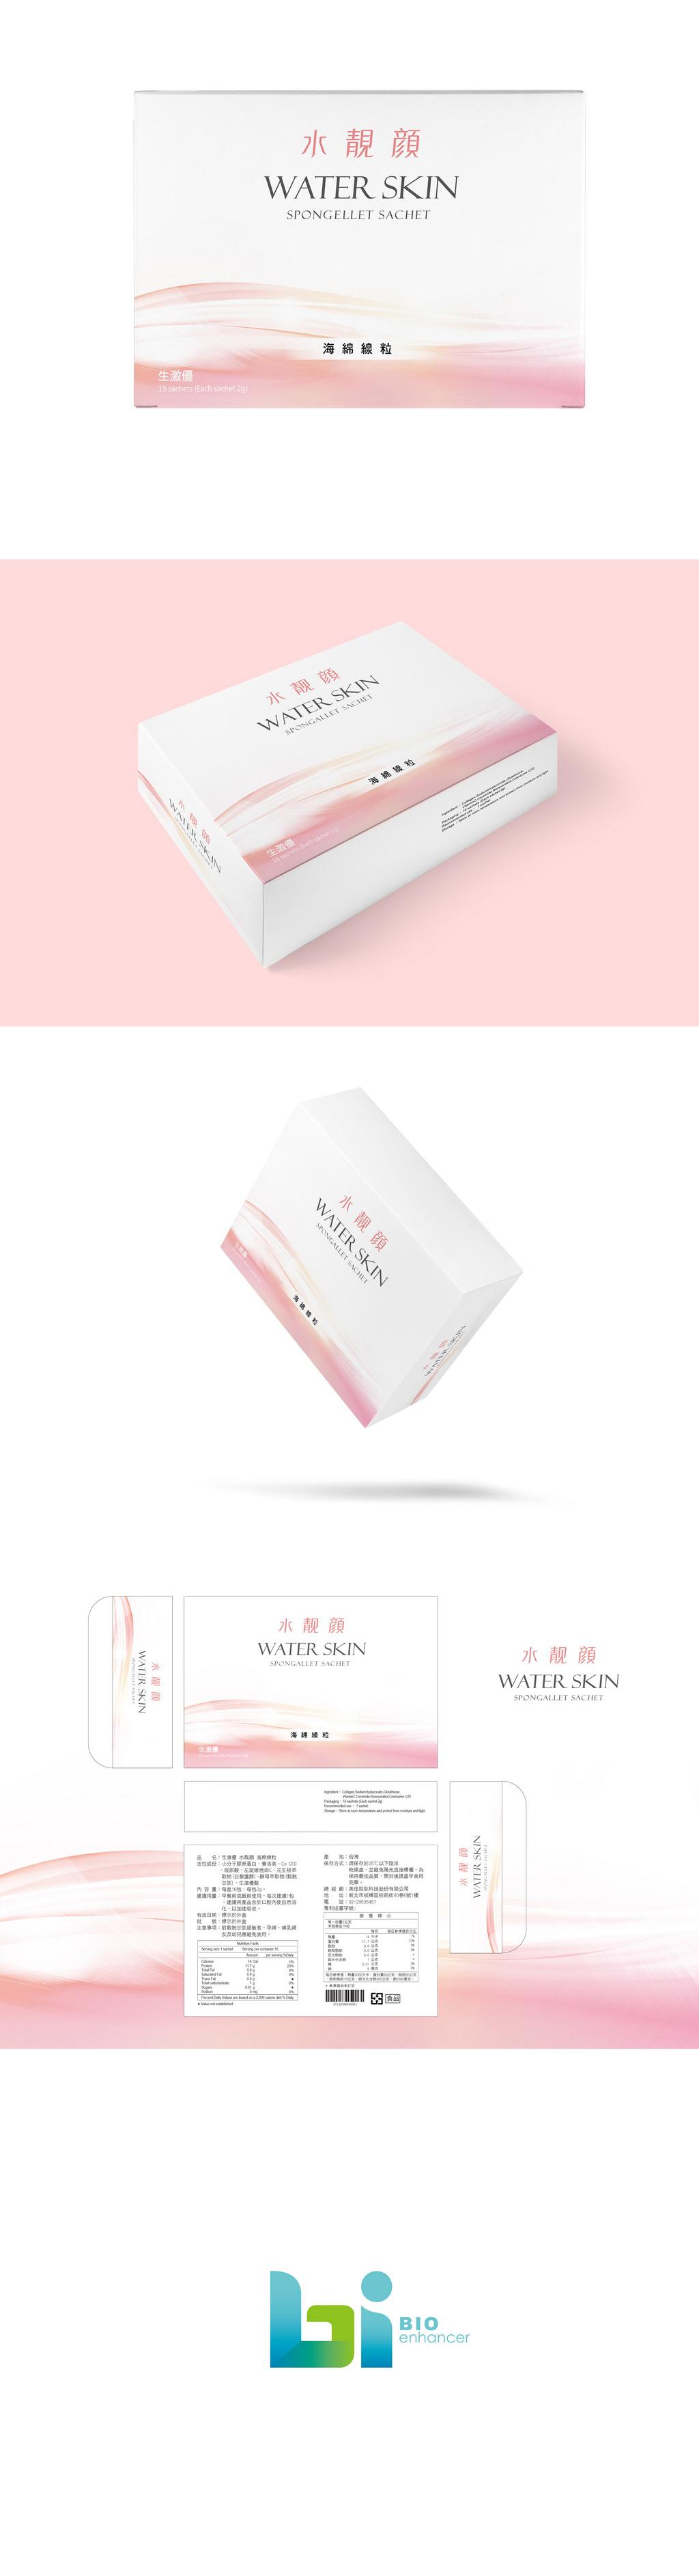 美佳胜肽科技-生激優水靓顏 包裝設計